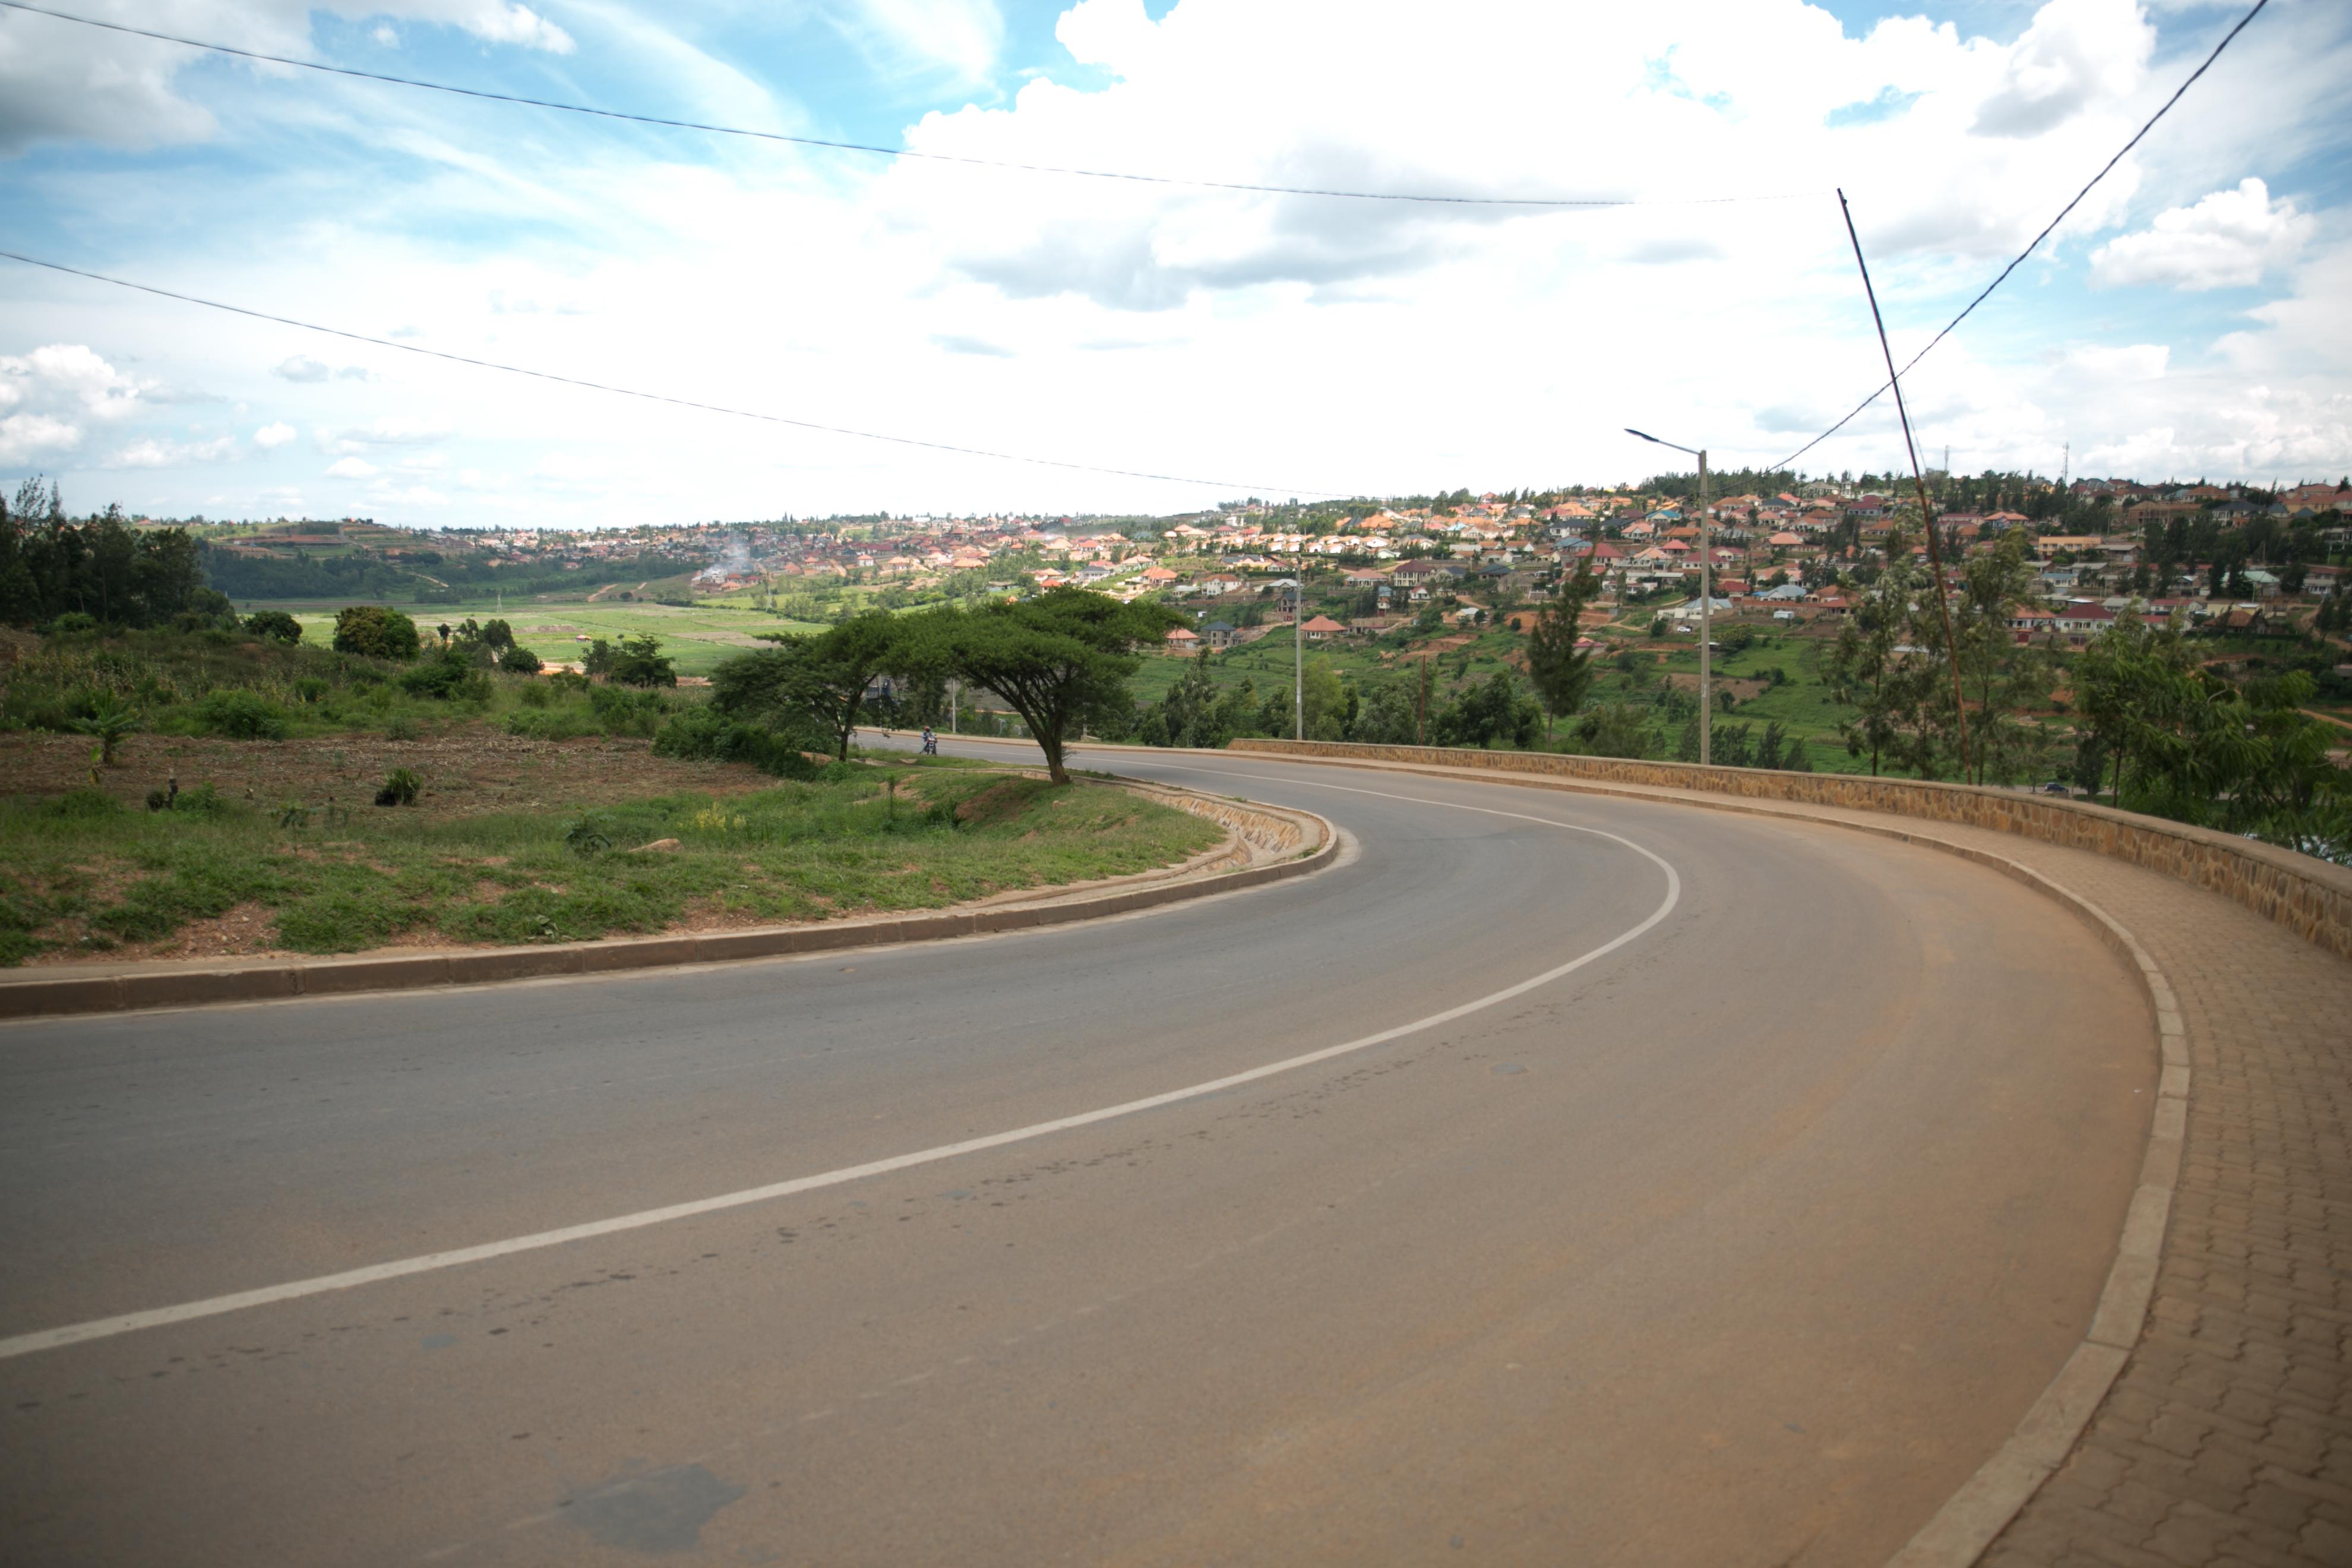 kinyinya-road